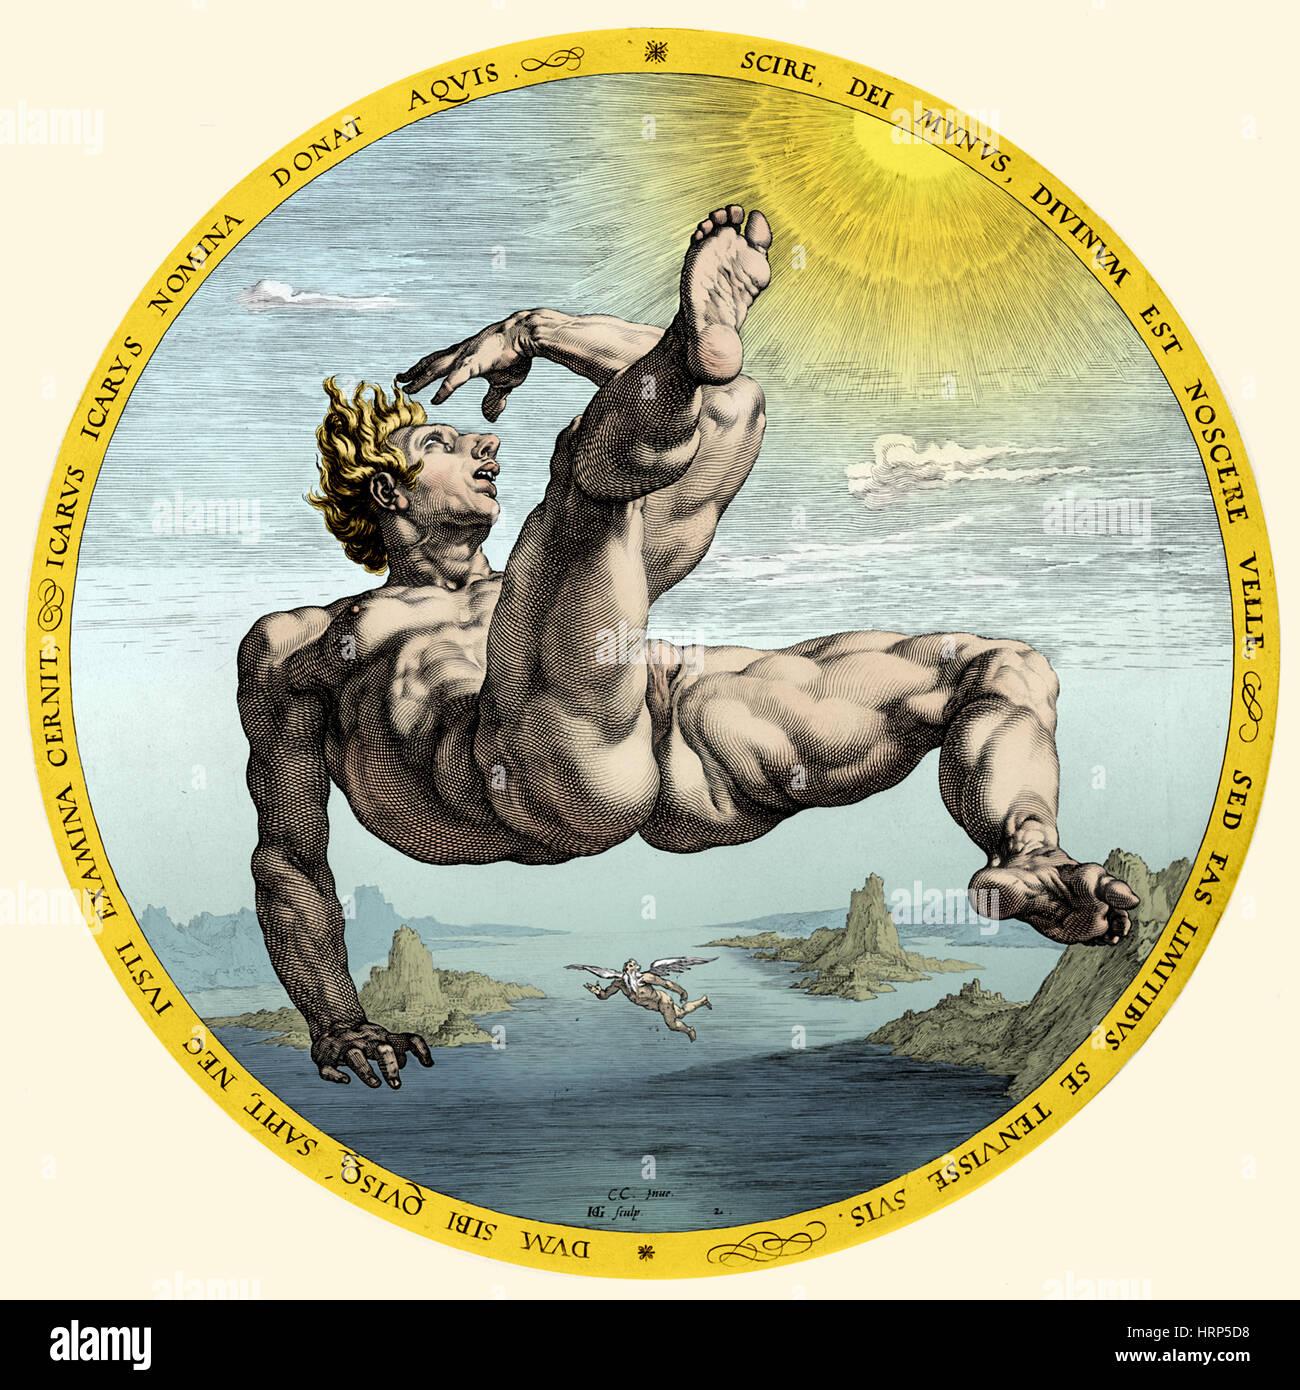 Chute d'Icare, la mythologie grecque Photo Stock